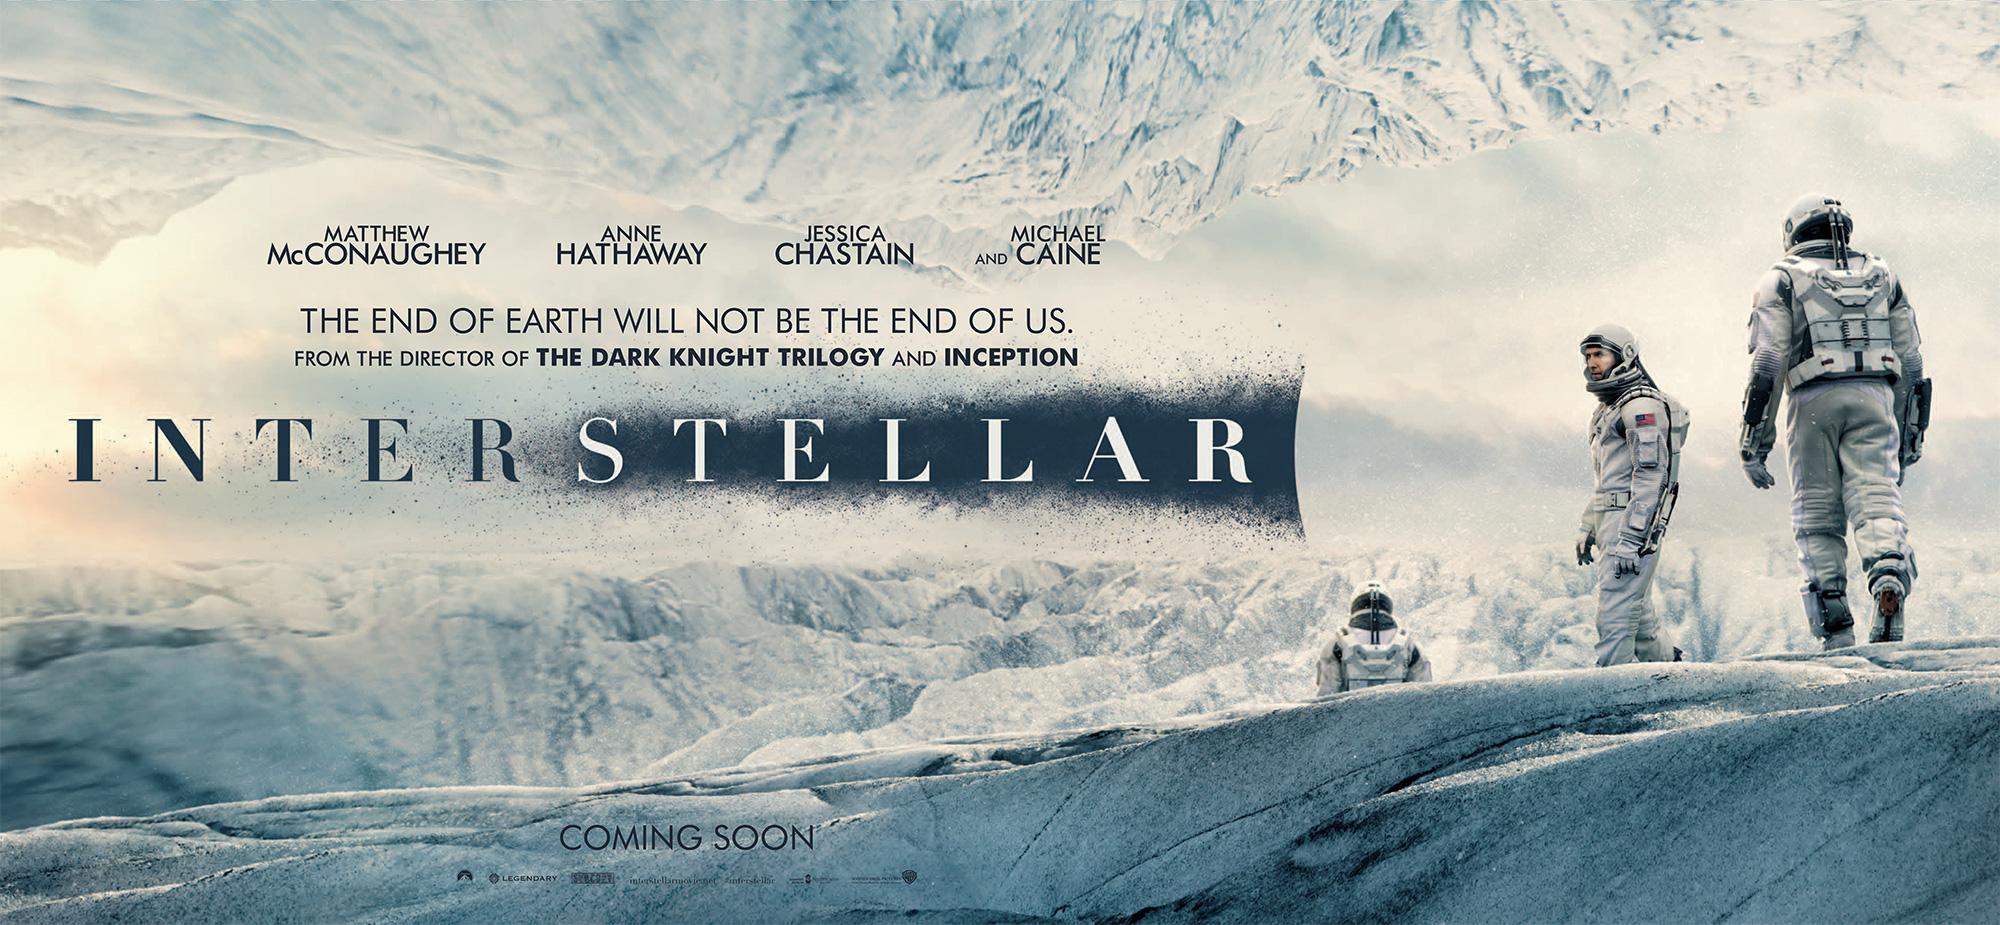 interstellar_banner.jpg